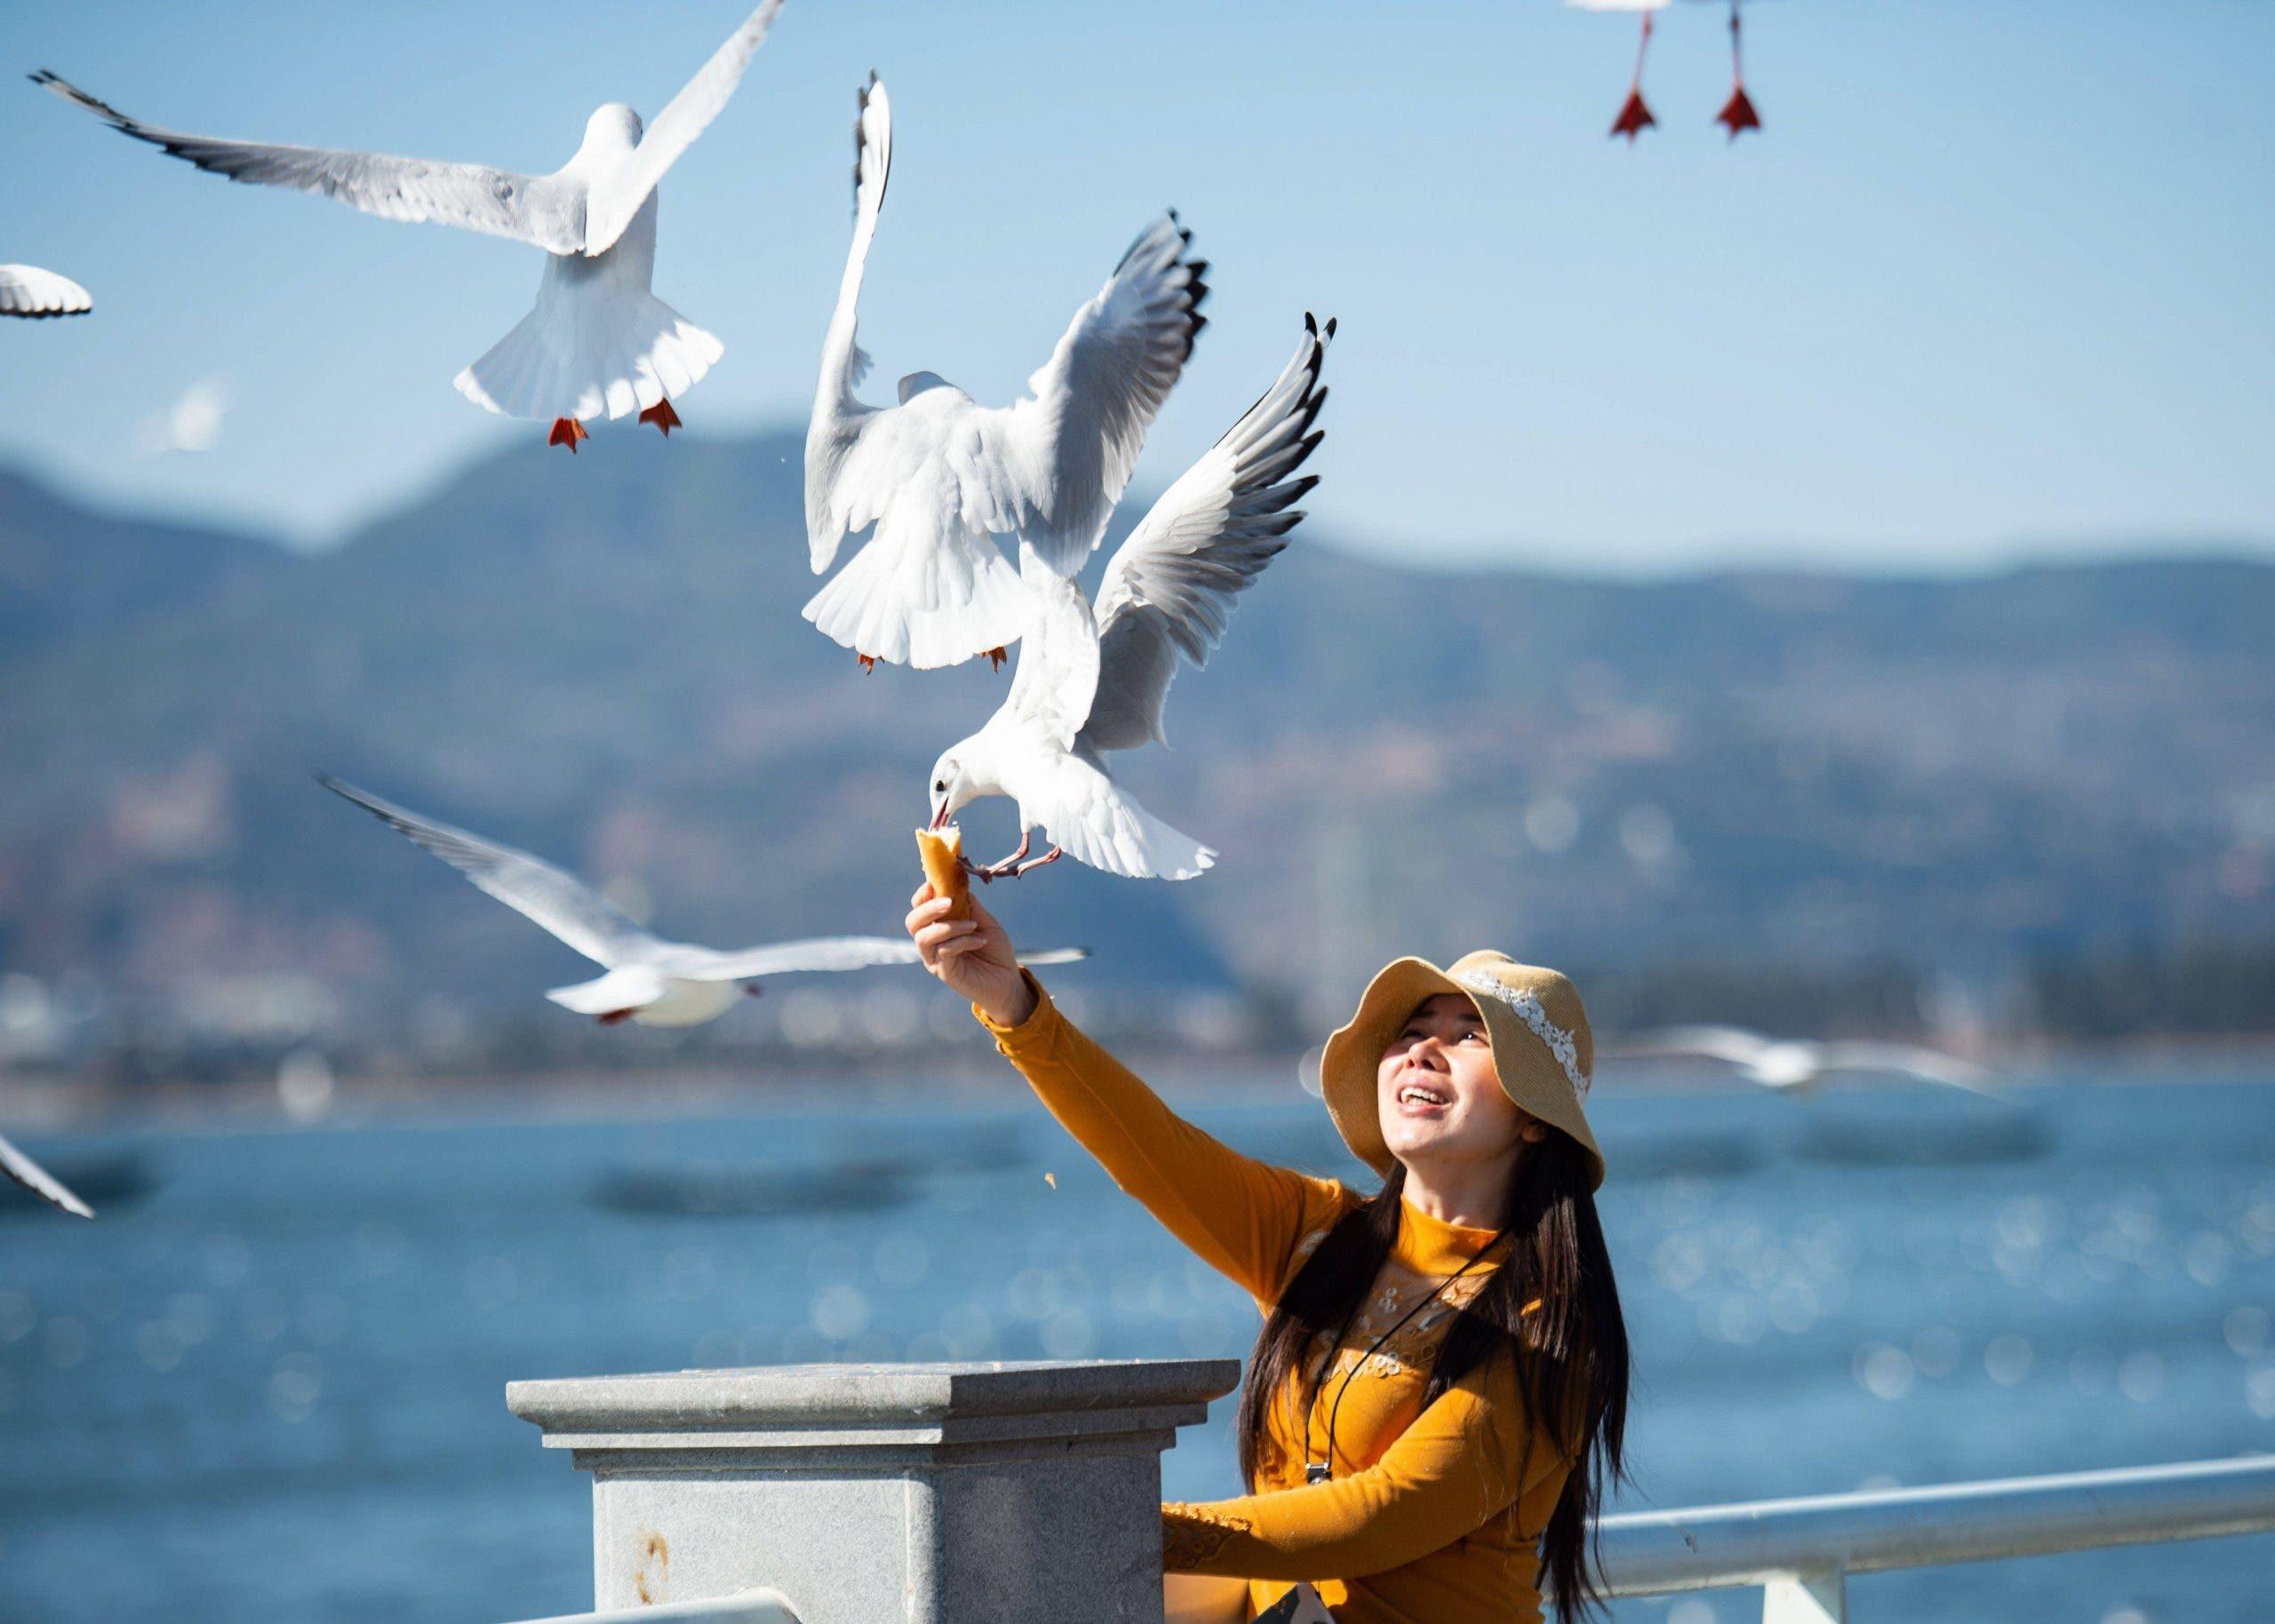 Tourism seagulls